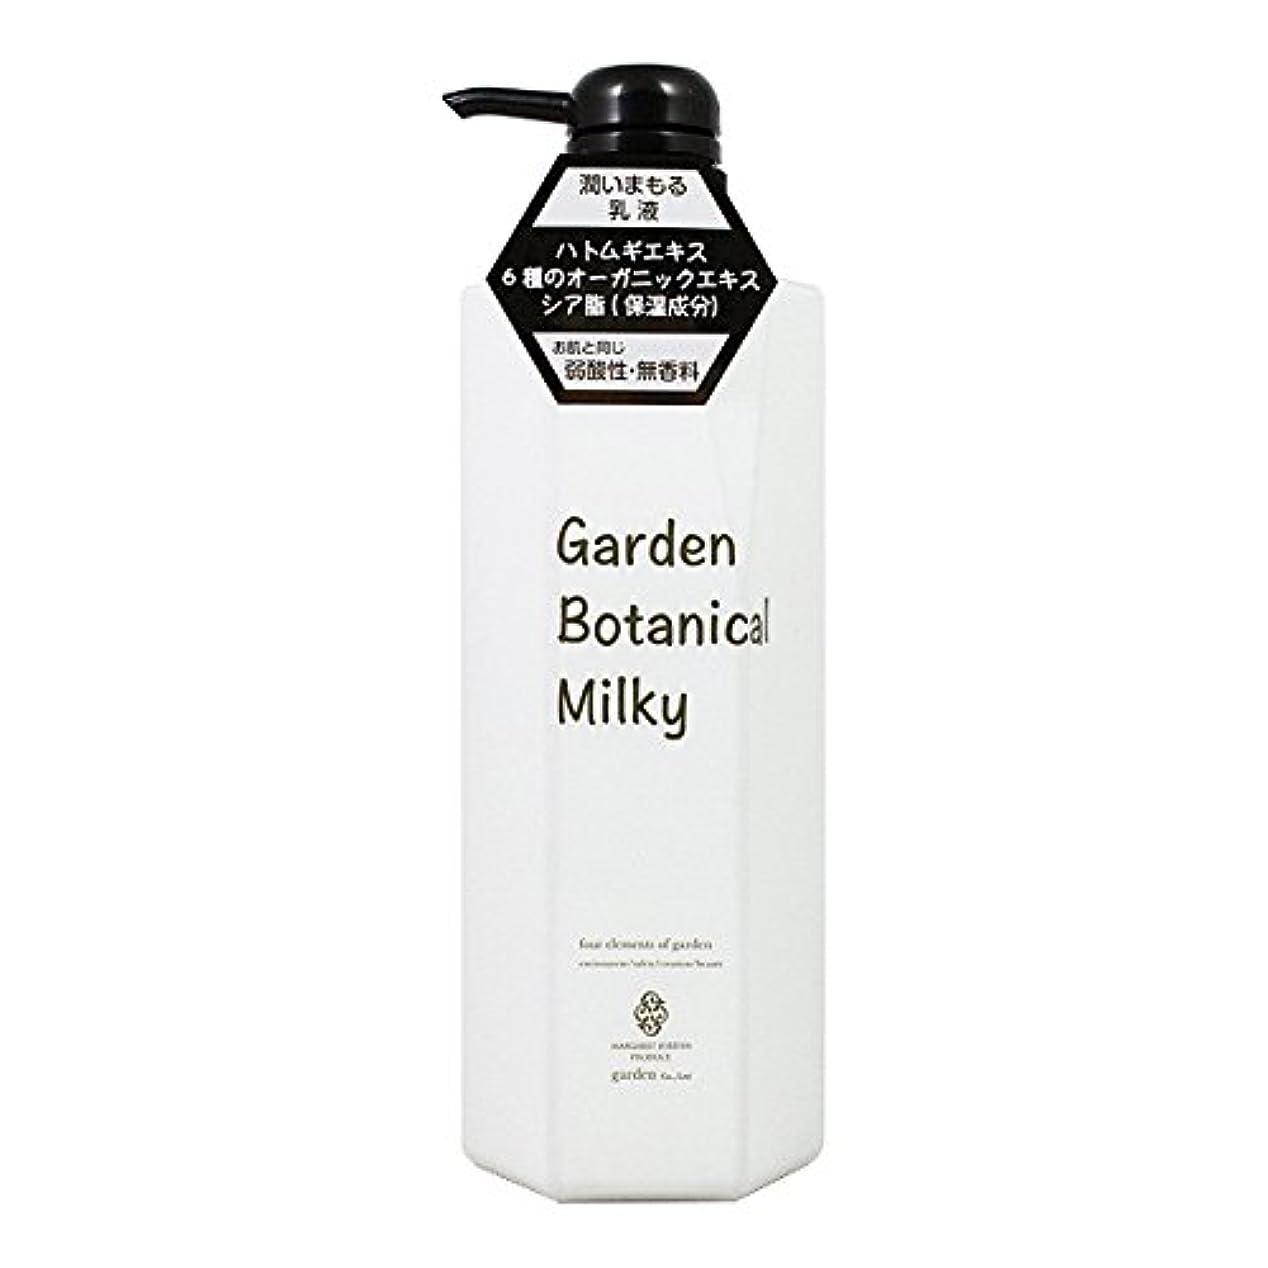 ガソリン飢つま先ガーデン ガーデン ボタニカルミルキー 600ml